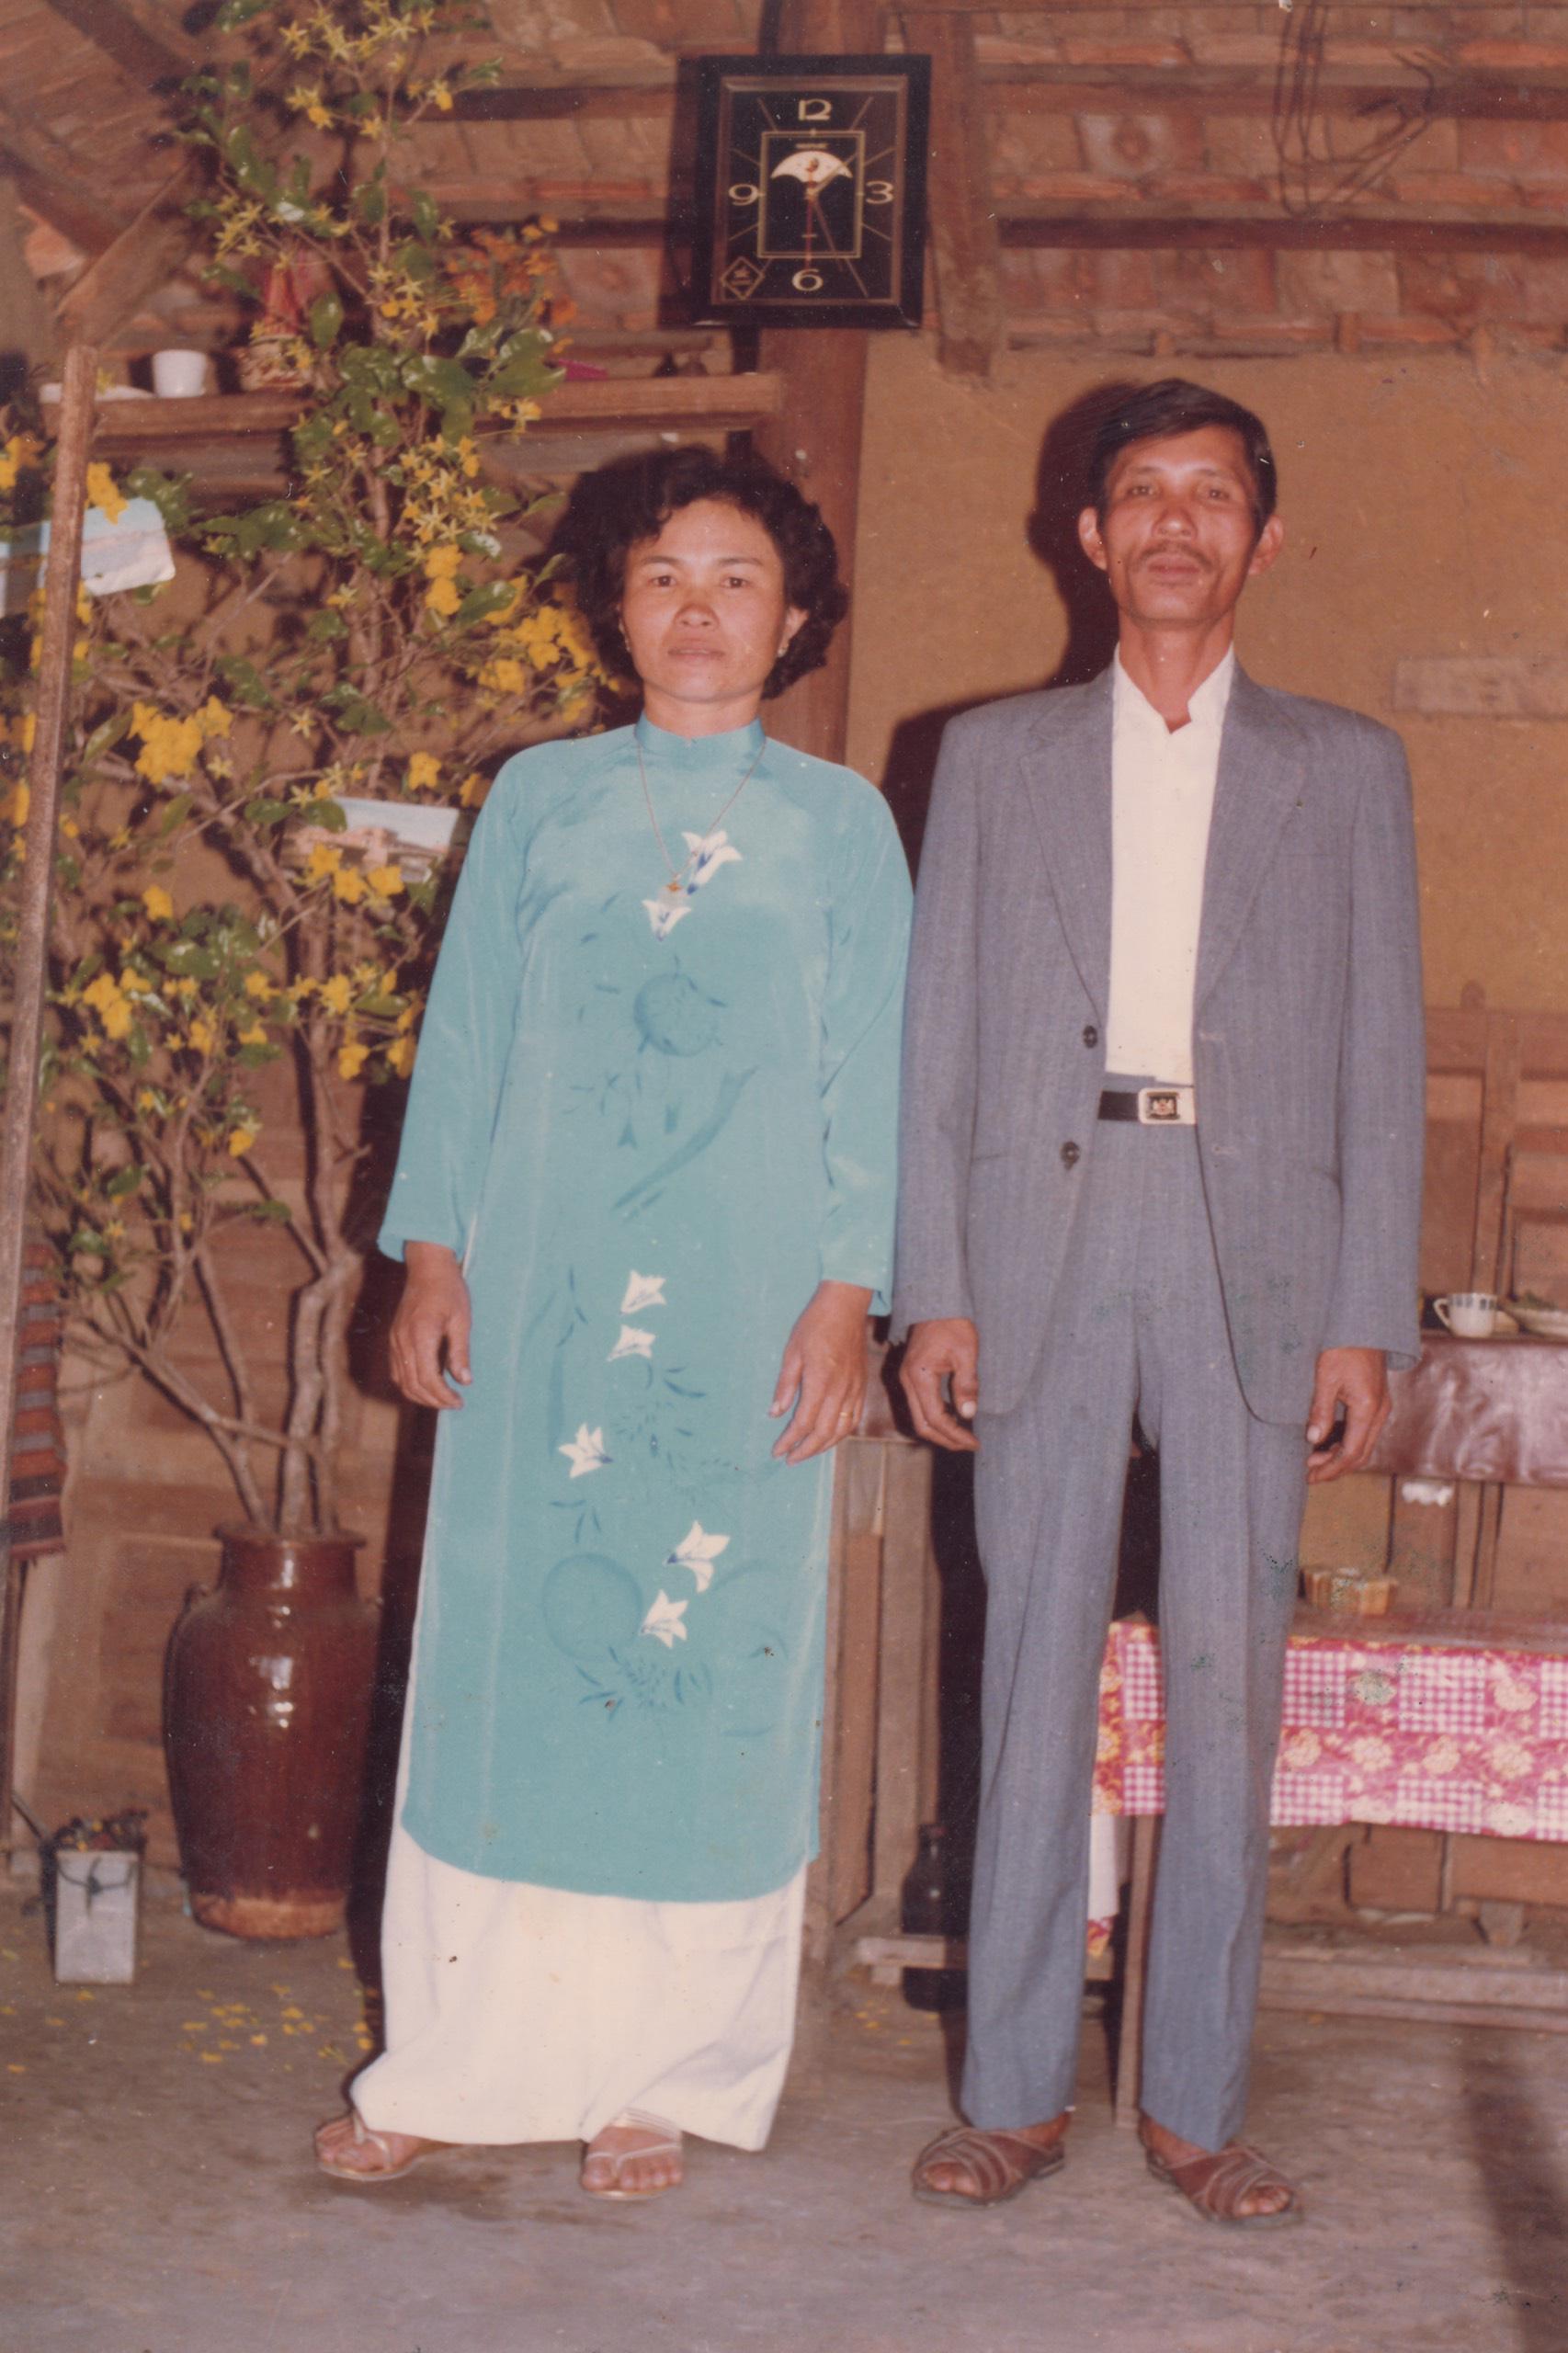 Chân dung nữ doanh nhân Trương Mỹ Duyên và con đường khởi nghiệp từ hai bàn tay trắng - Ảnh 4.